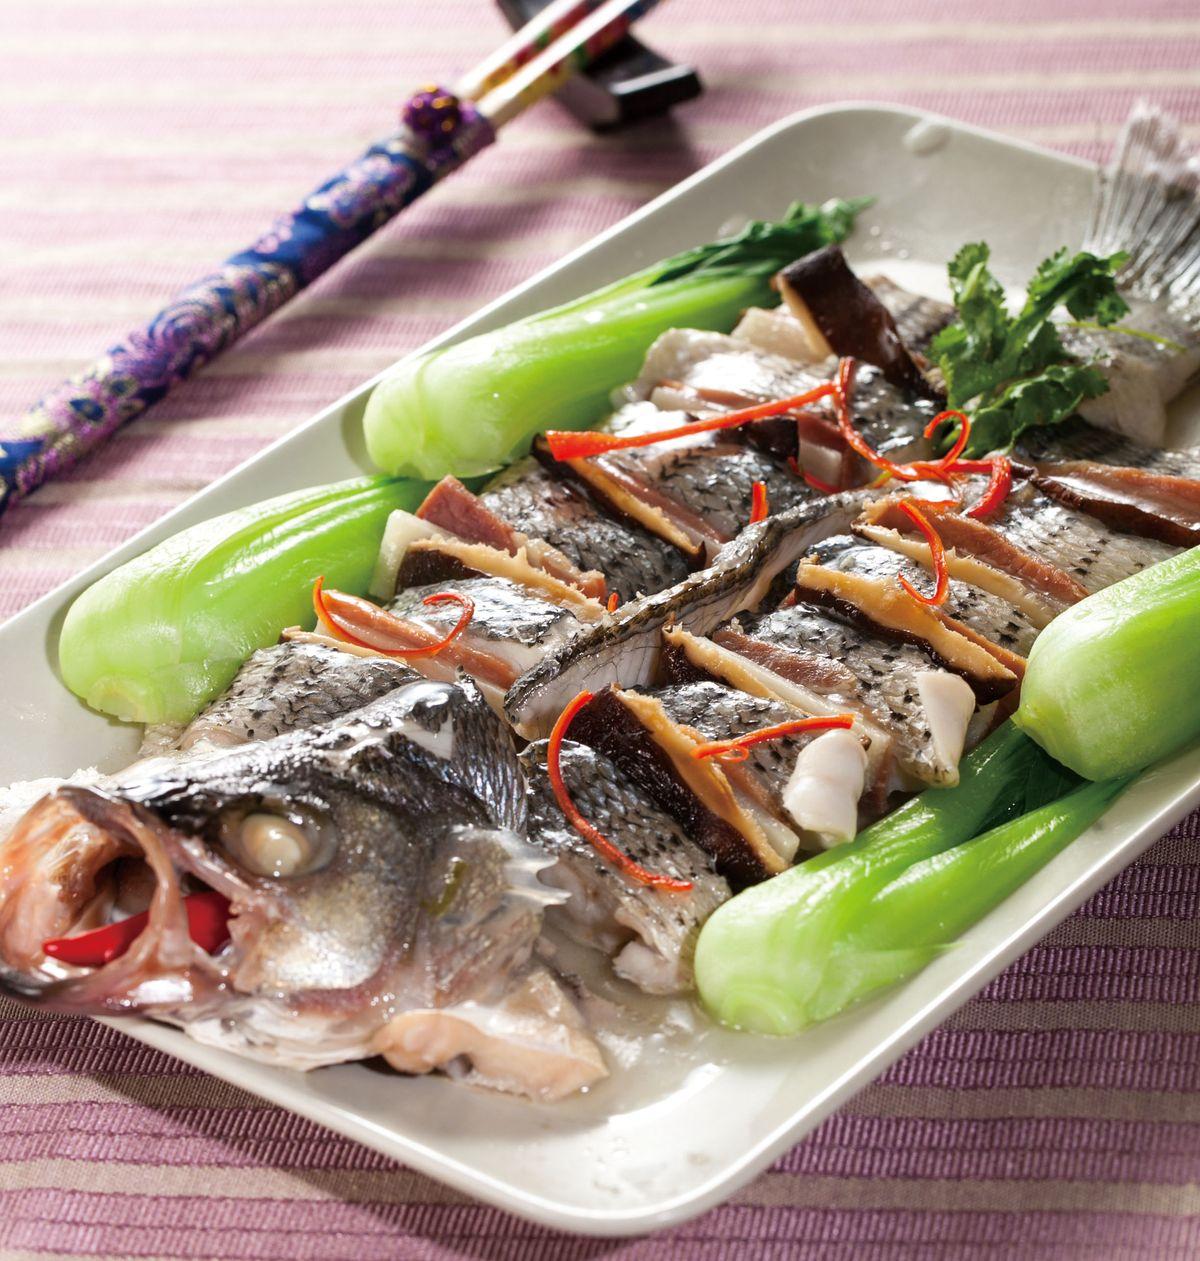 食譜:清蒸麒麟魚